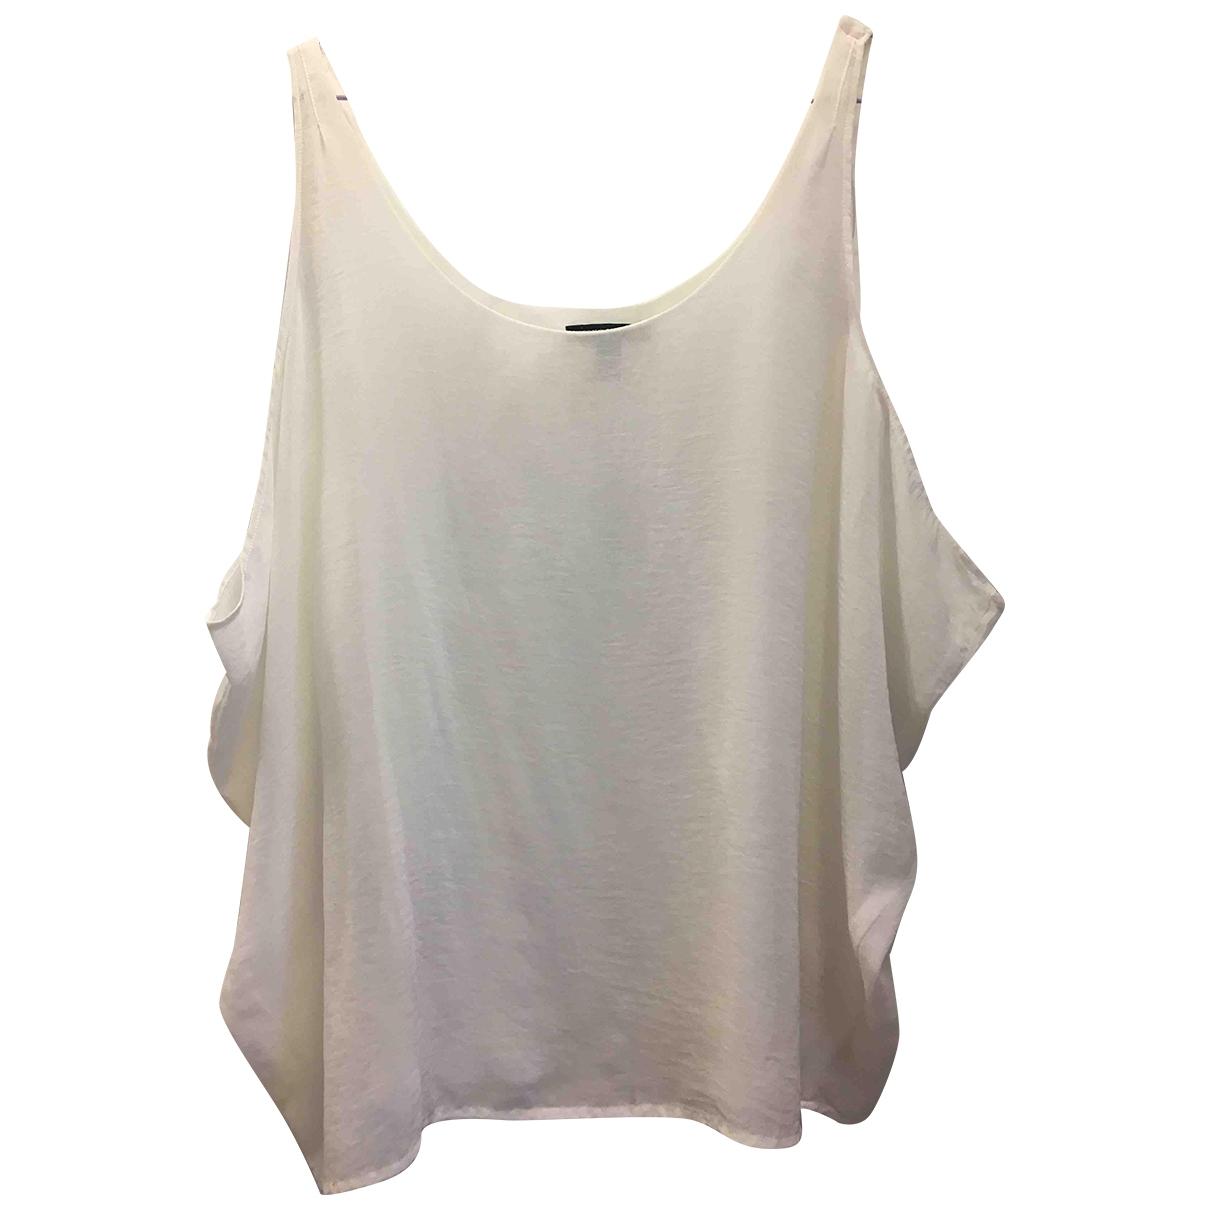 Mango \N White  top for Women S International